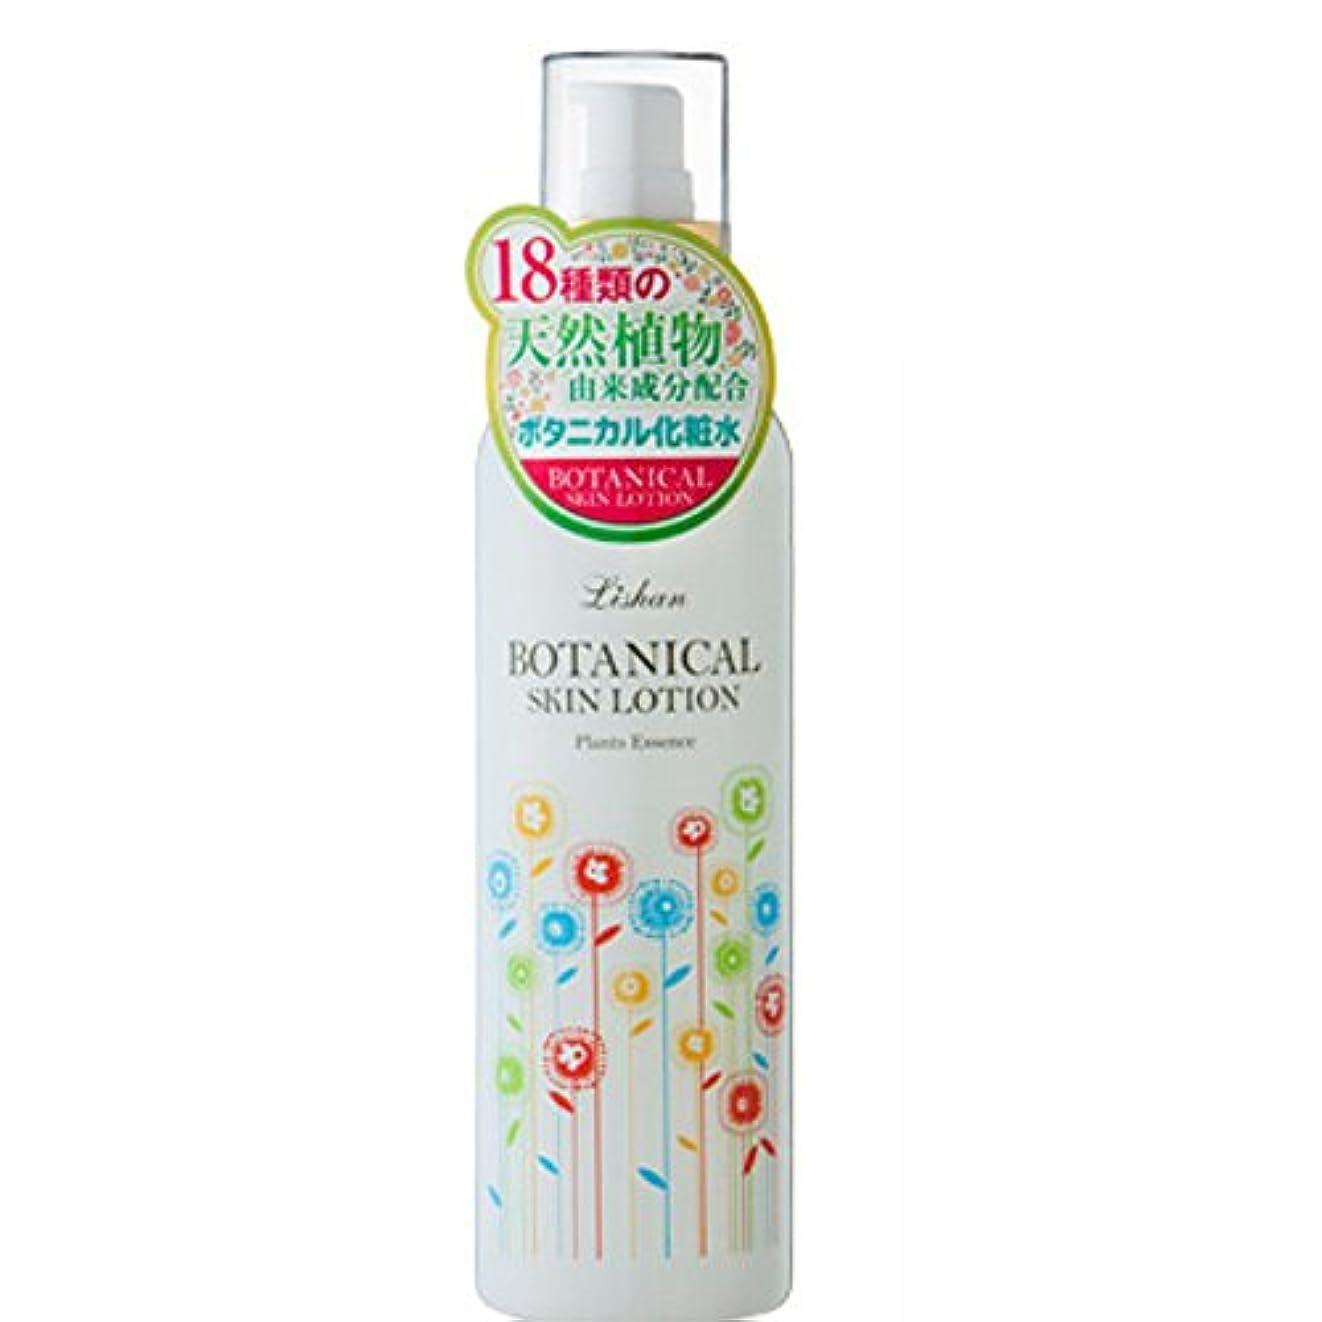 保存スパーク咳アイスタイル リシャン ボタニカル化粧水 フローラルの香り 260ml